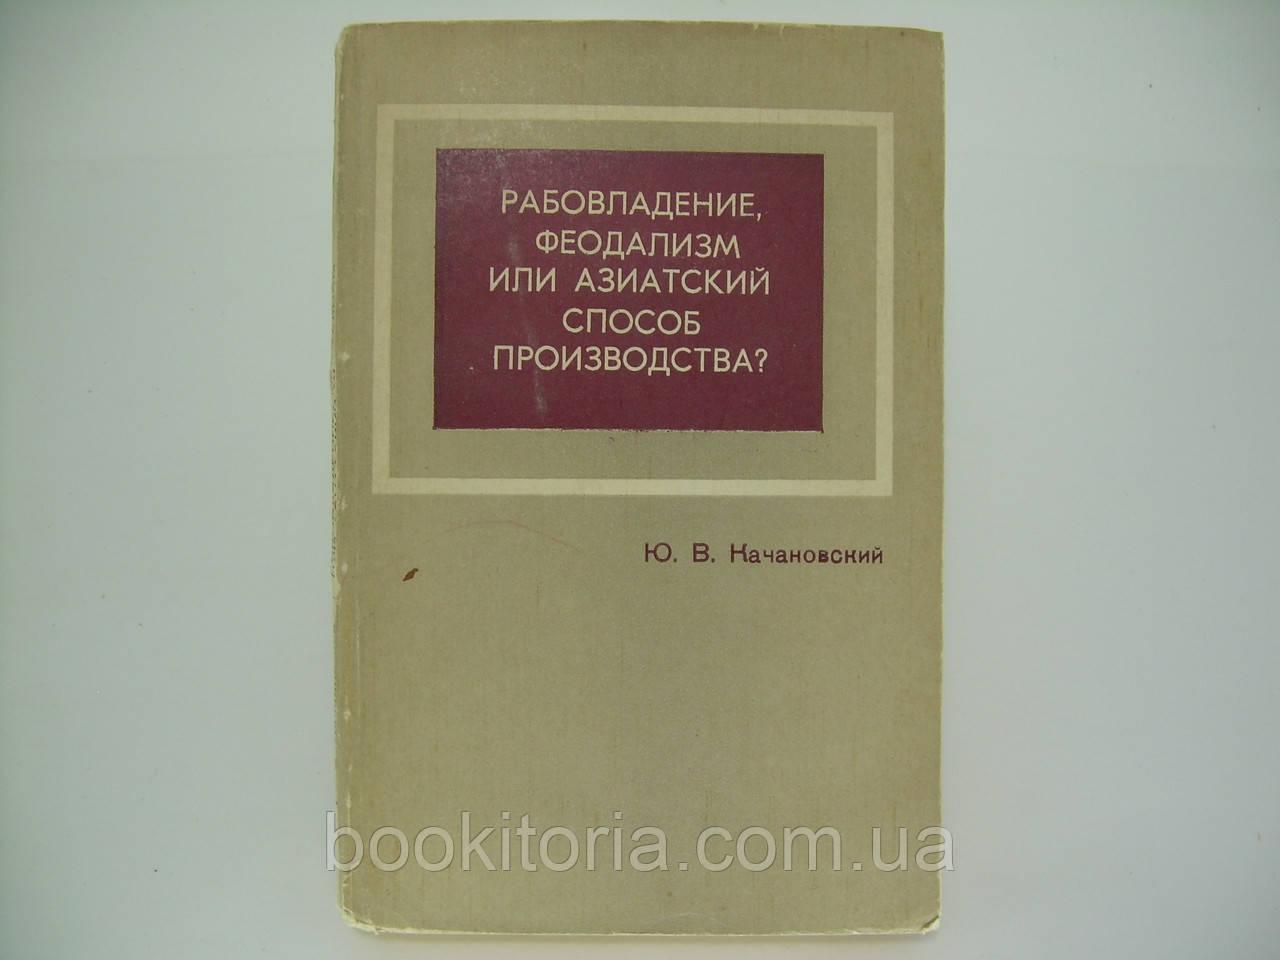 Качановский Ю.В.  Рабовладение, феодализм или азиатский способ производства (б/у).